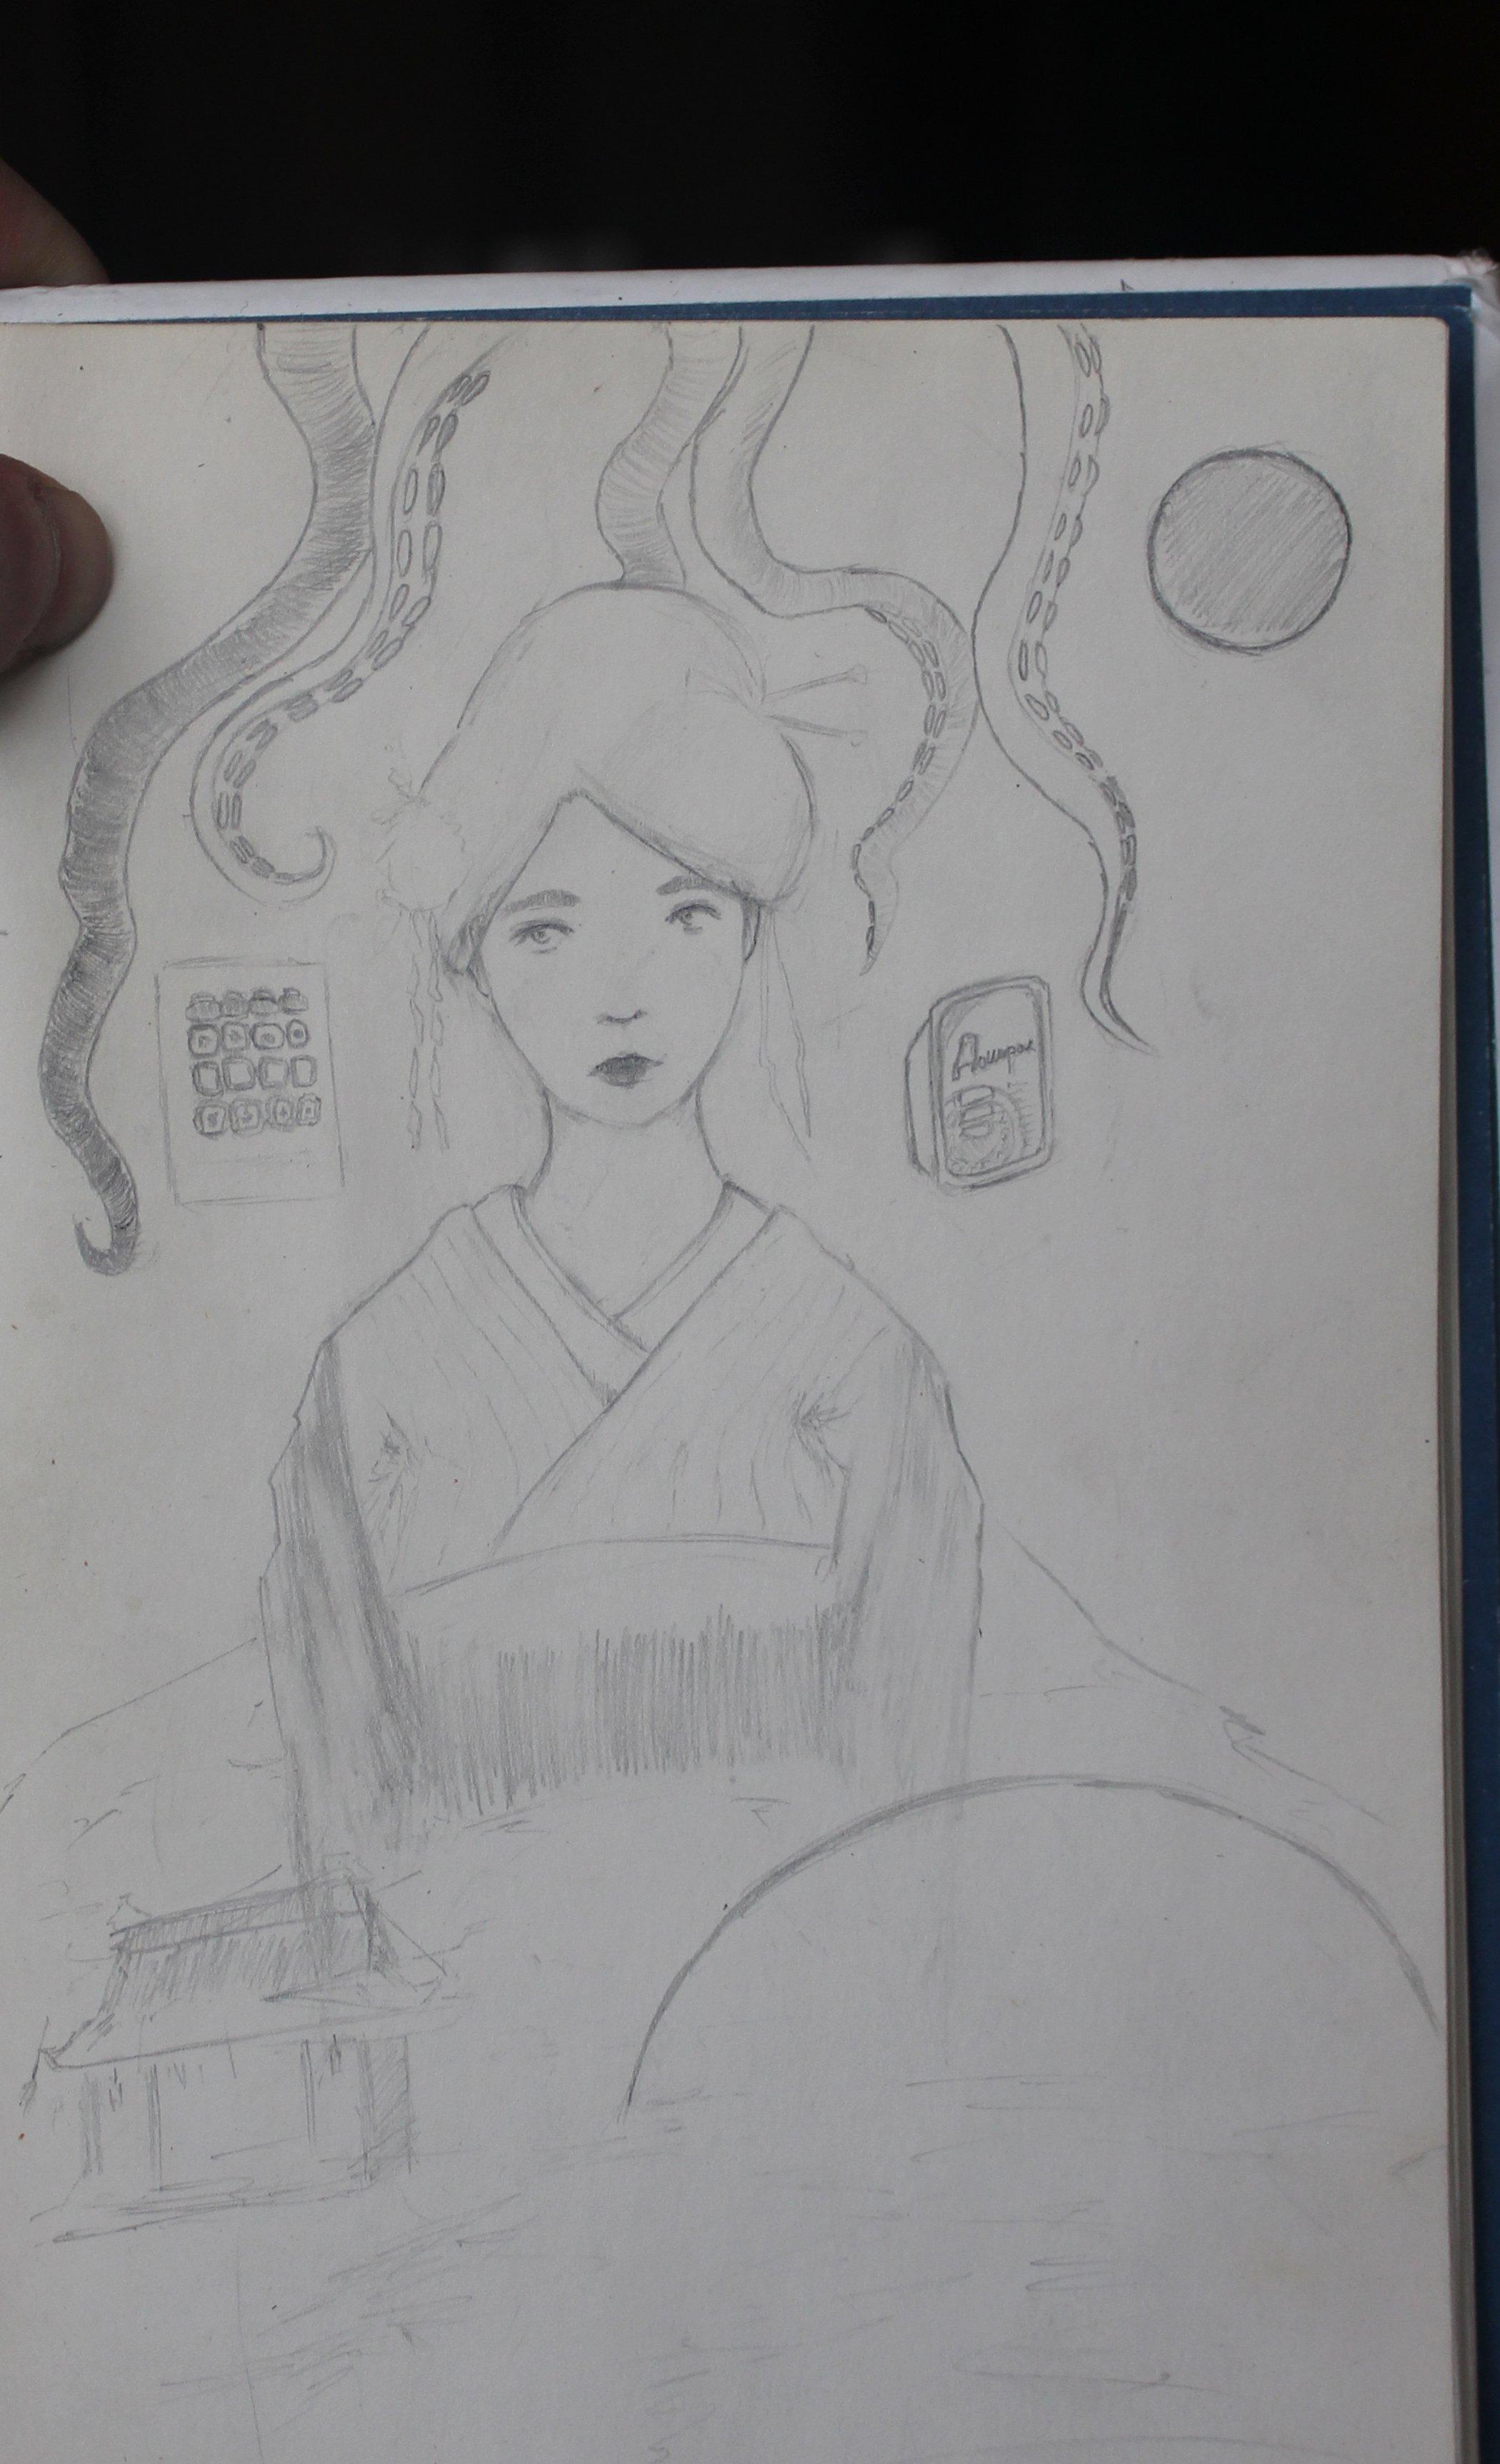 японский конкурс  - Изображение 1